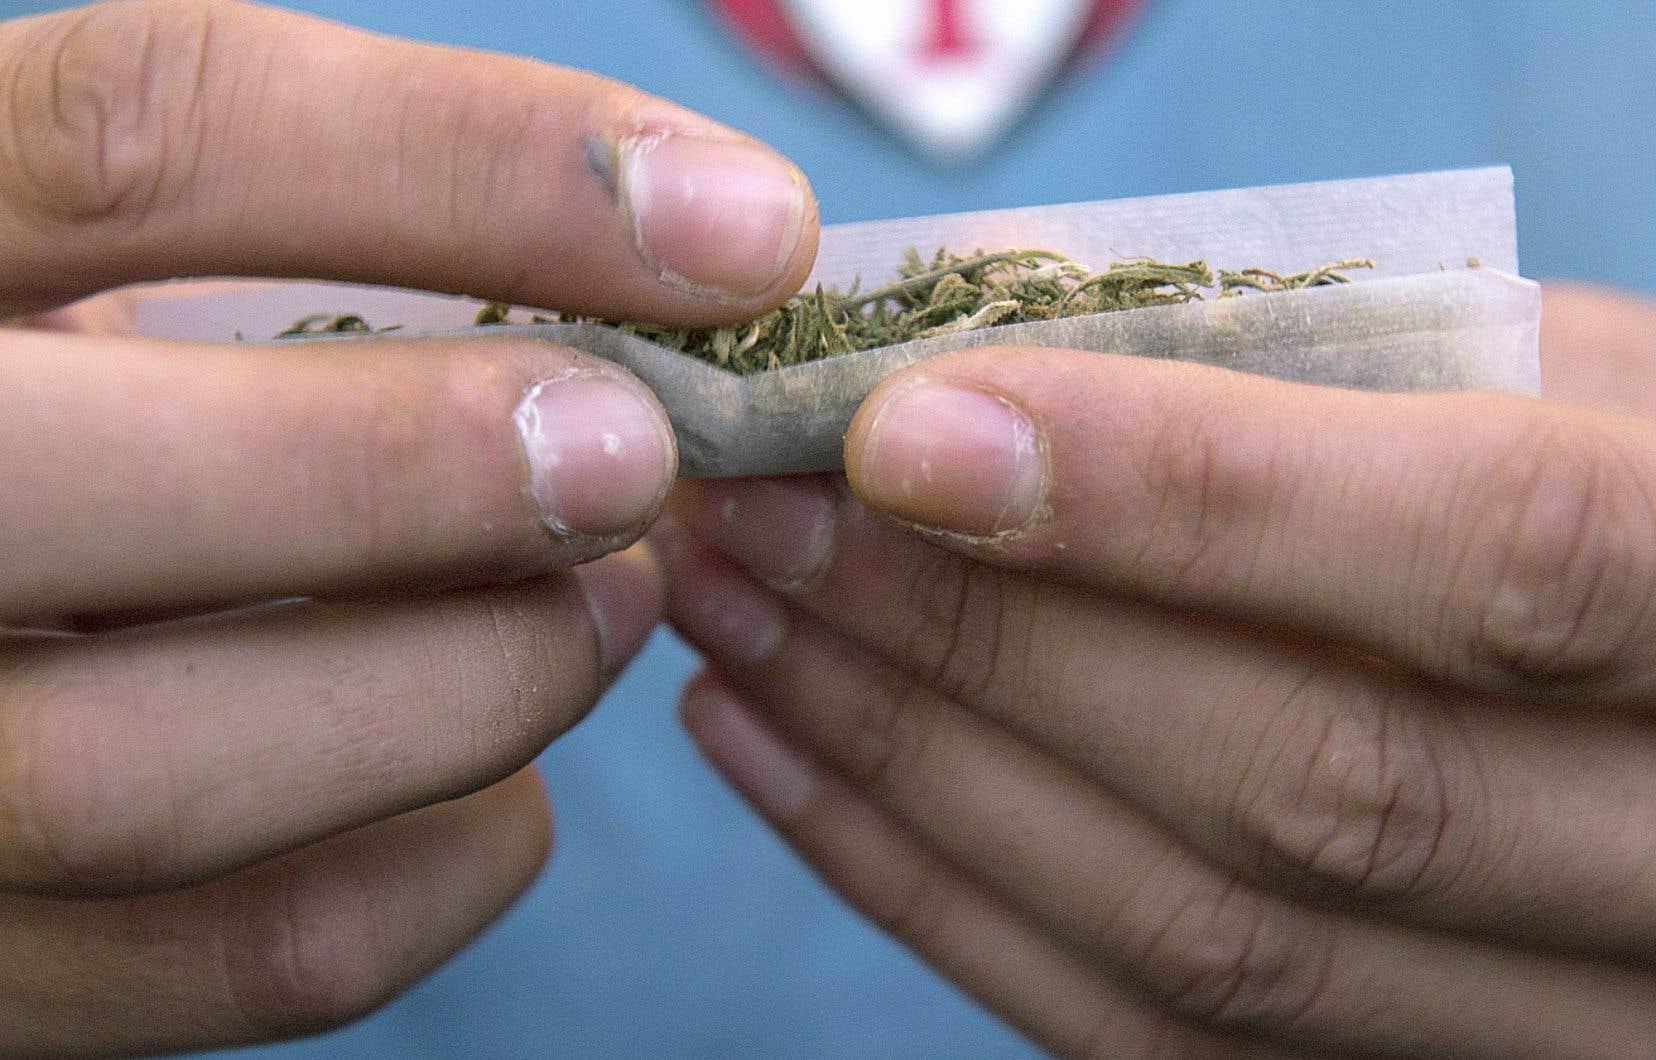 «Les jeunes qui consomment du cannabis régulièrement sont plus susceptibles d'abandonner l'école», rappelle le chercheur Tomas Paus.